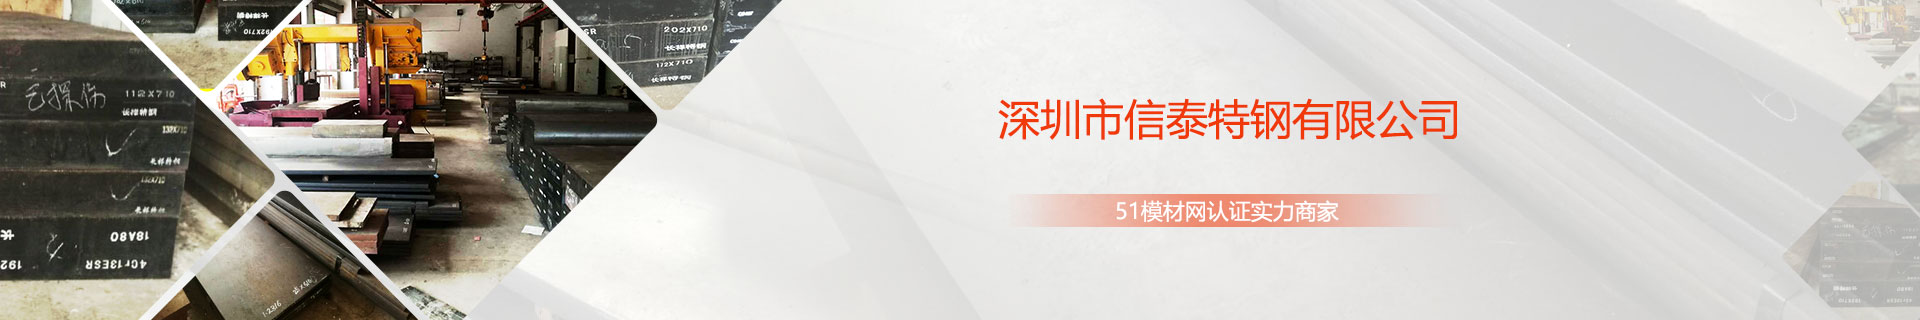 深圳市信泰特钢有限公司